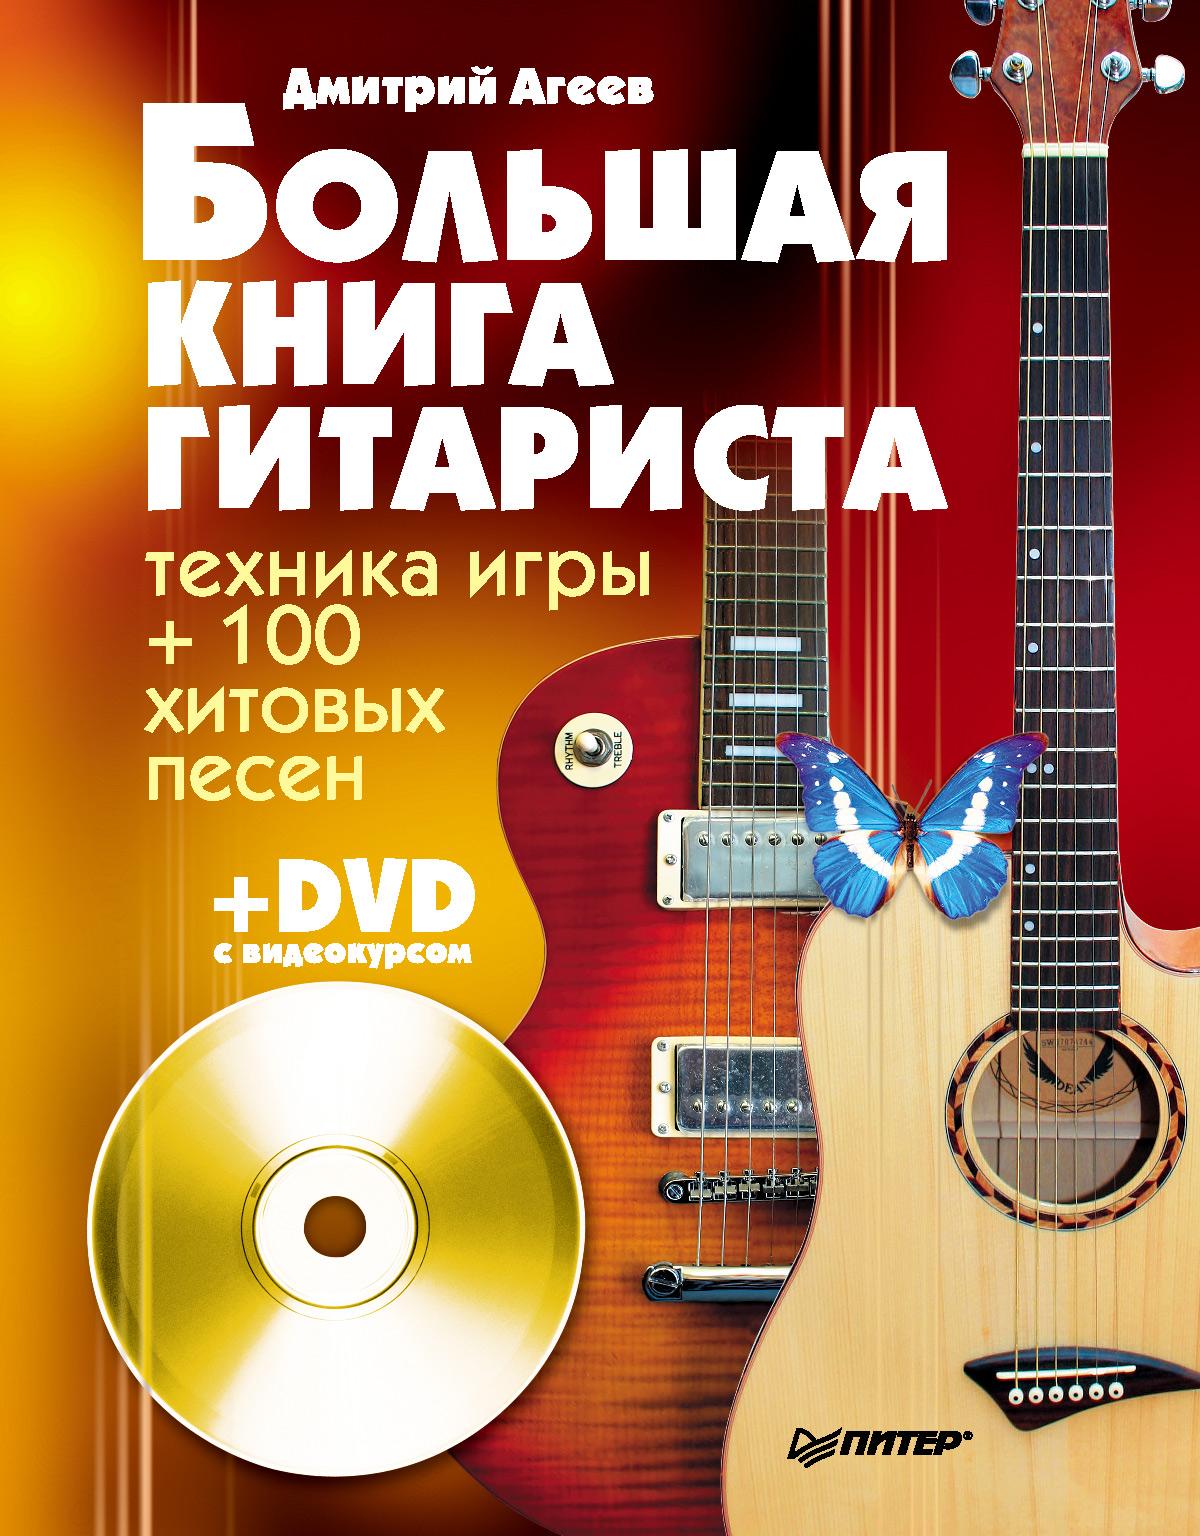 Дмитрий Агеев Большая книга гитариста. Техника игры + 100 хитовых песен дмитрий агеев большая книга гитариста техника игры 100 хитовых песен